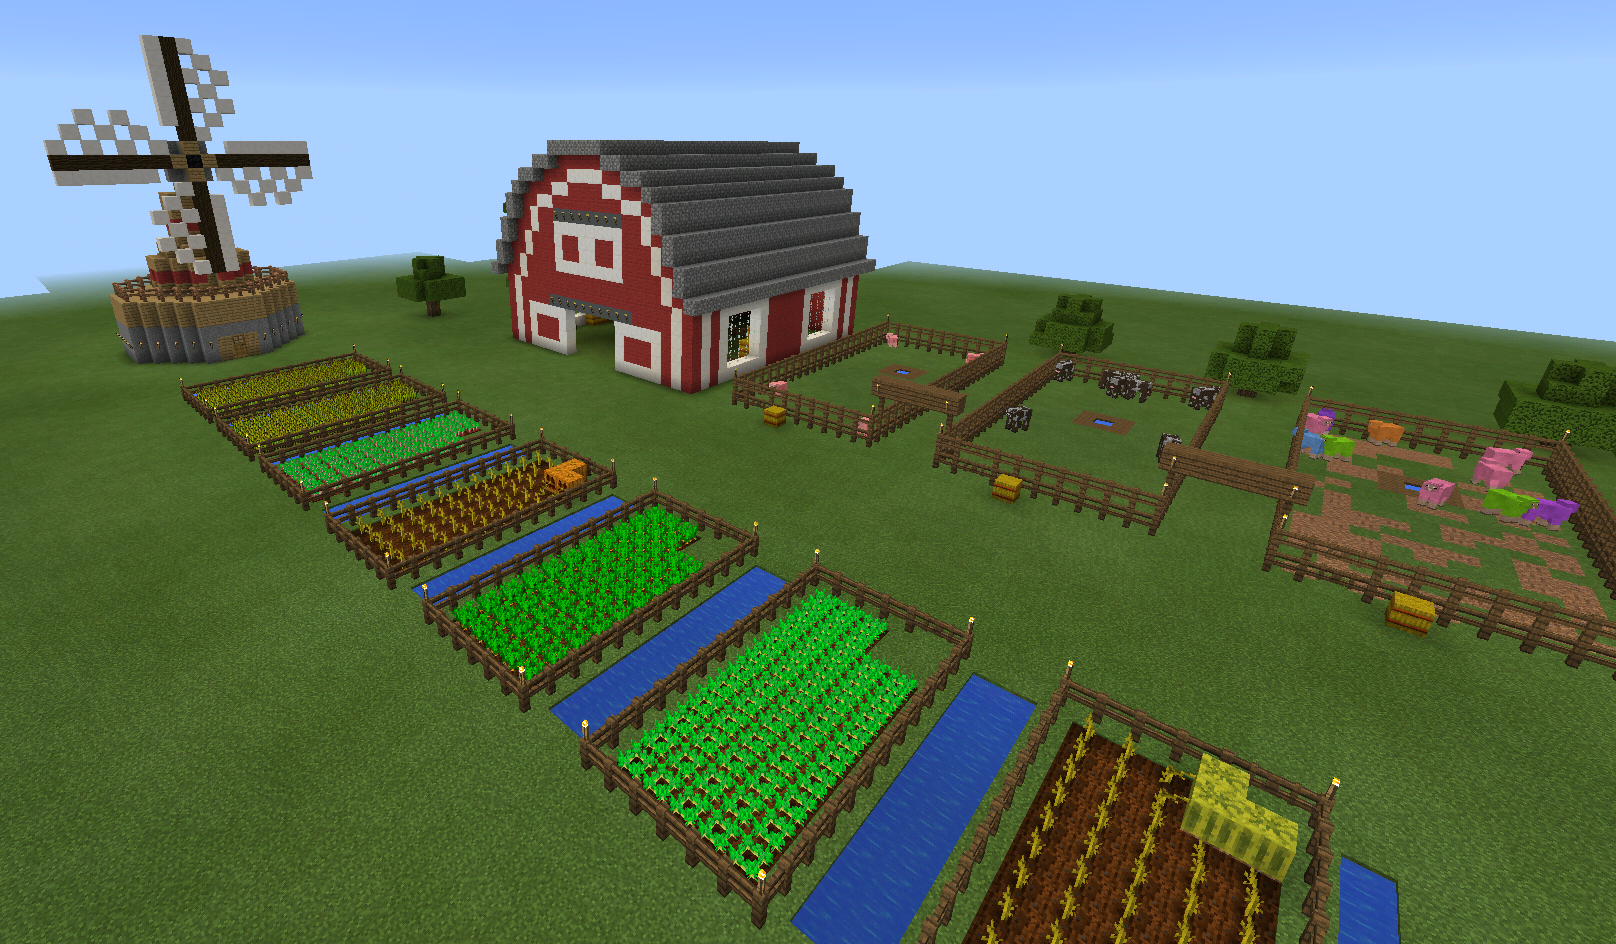 17 Minecraft Bauernhof-Ideen  minecraft bauernhof, minecraft